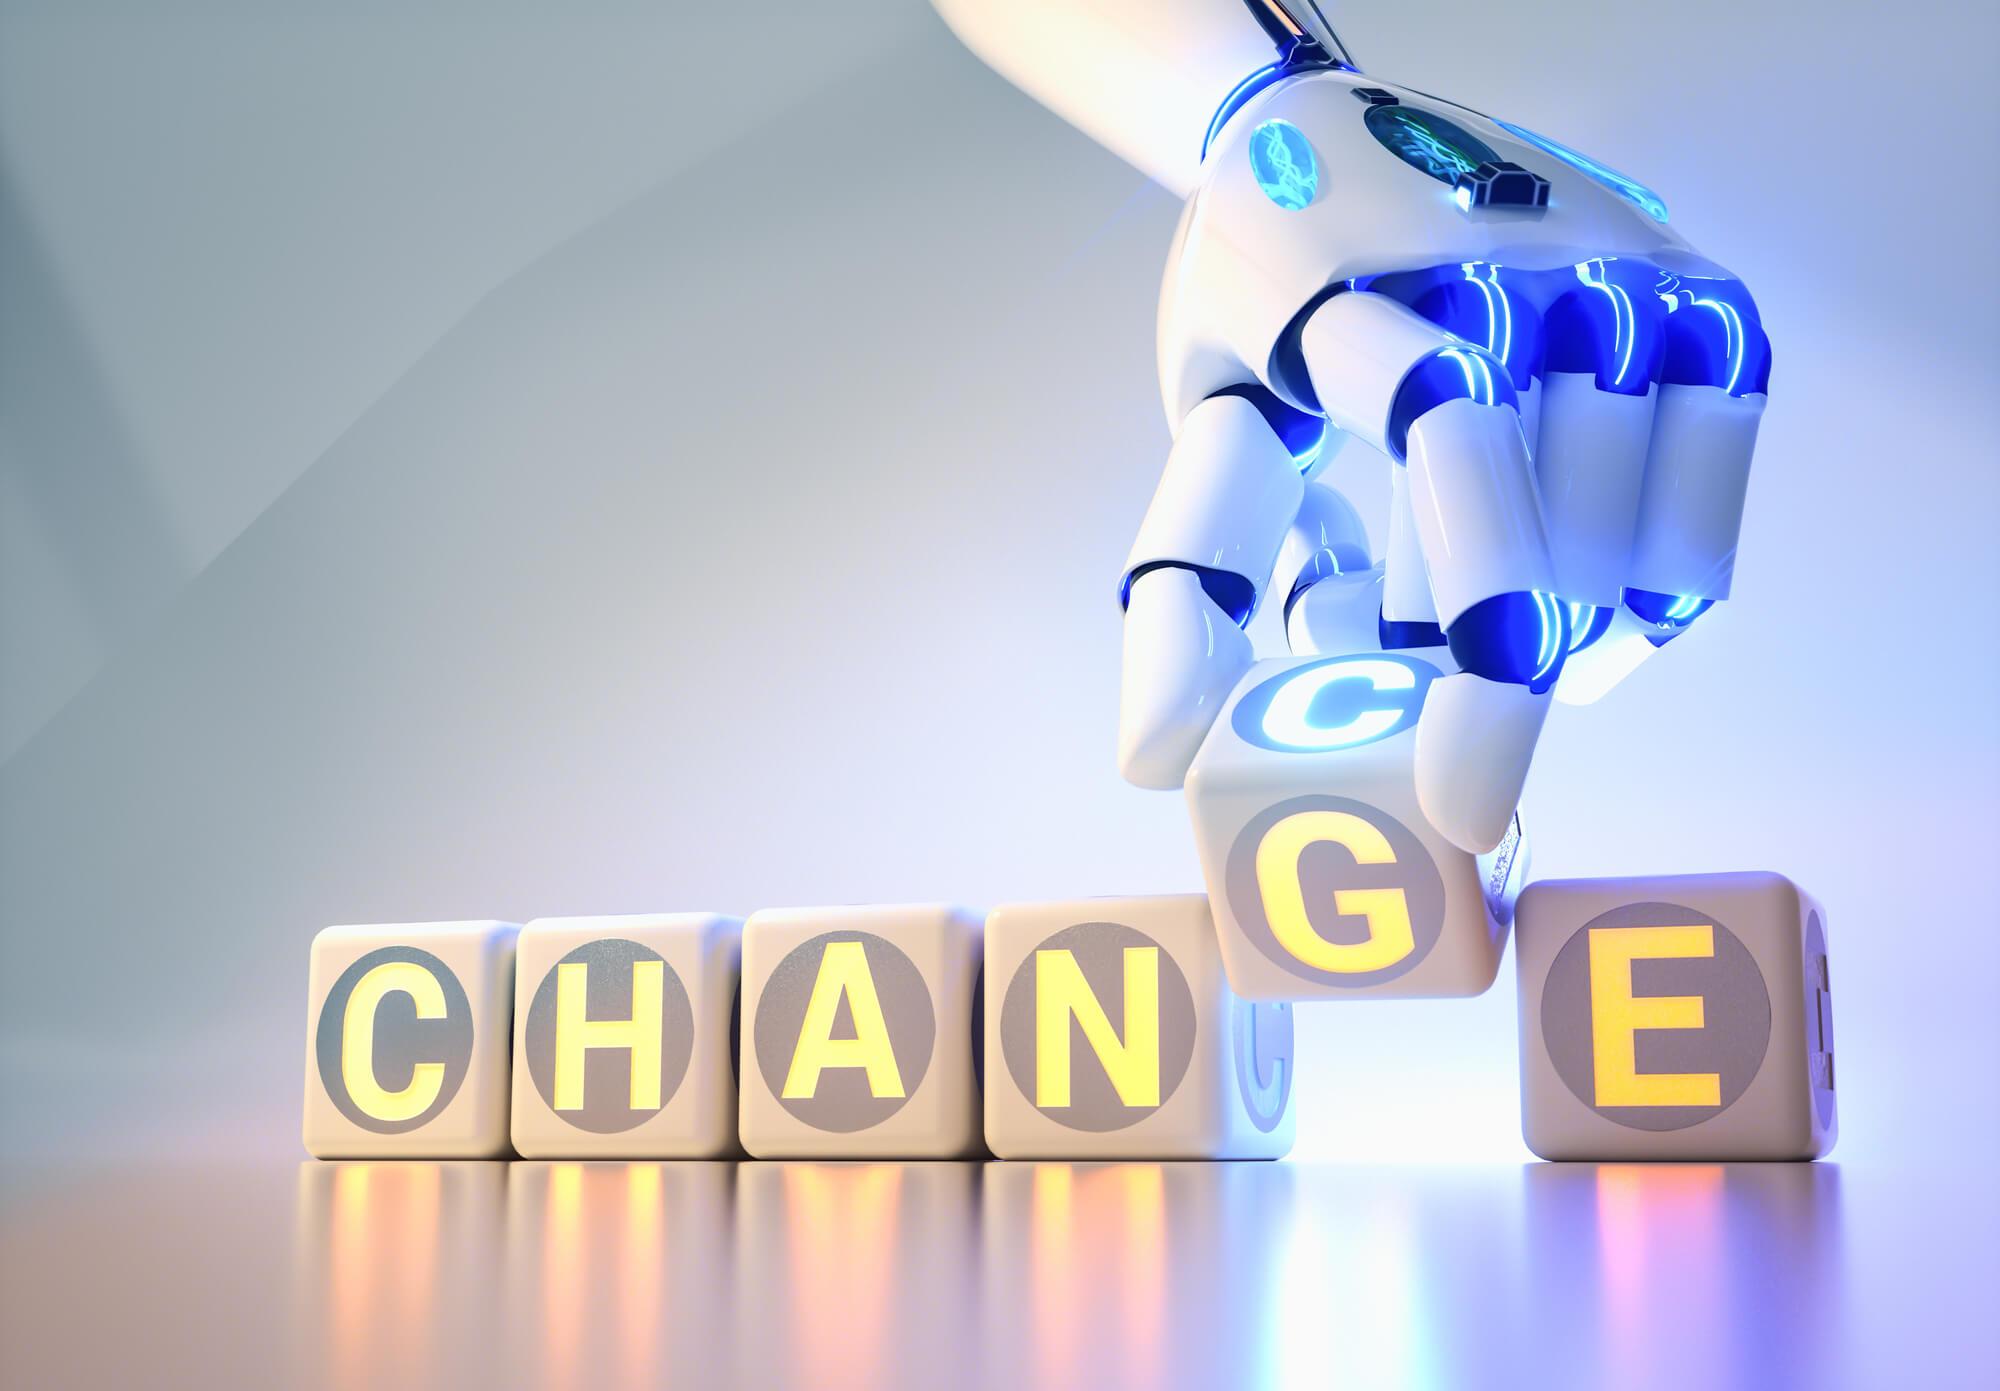 Organizational Change Management vs Technological (Pt. 2)